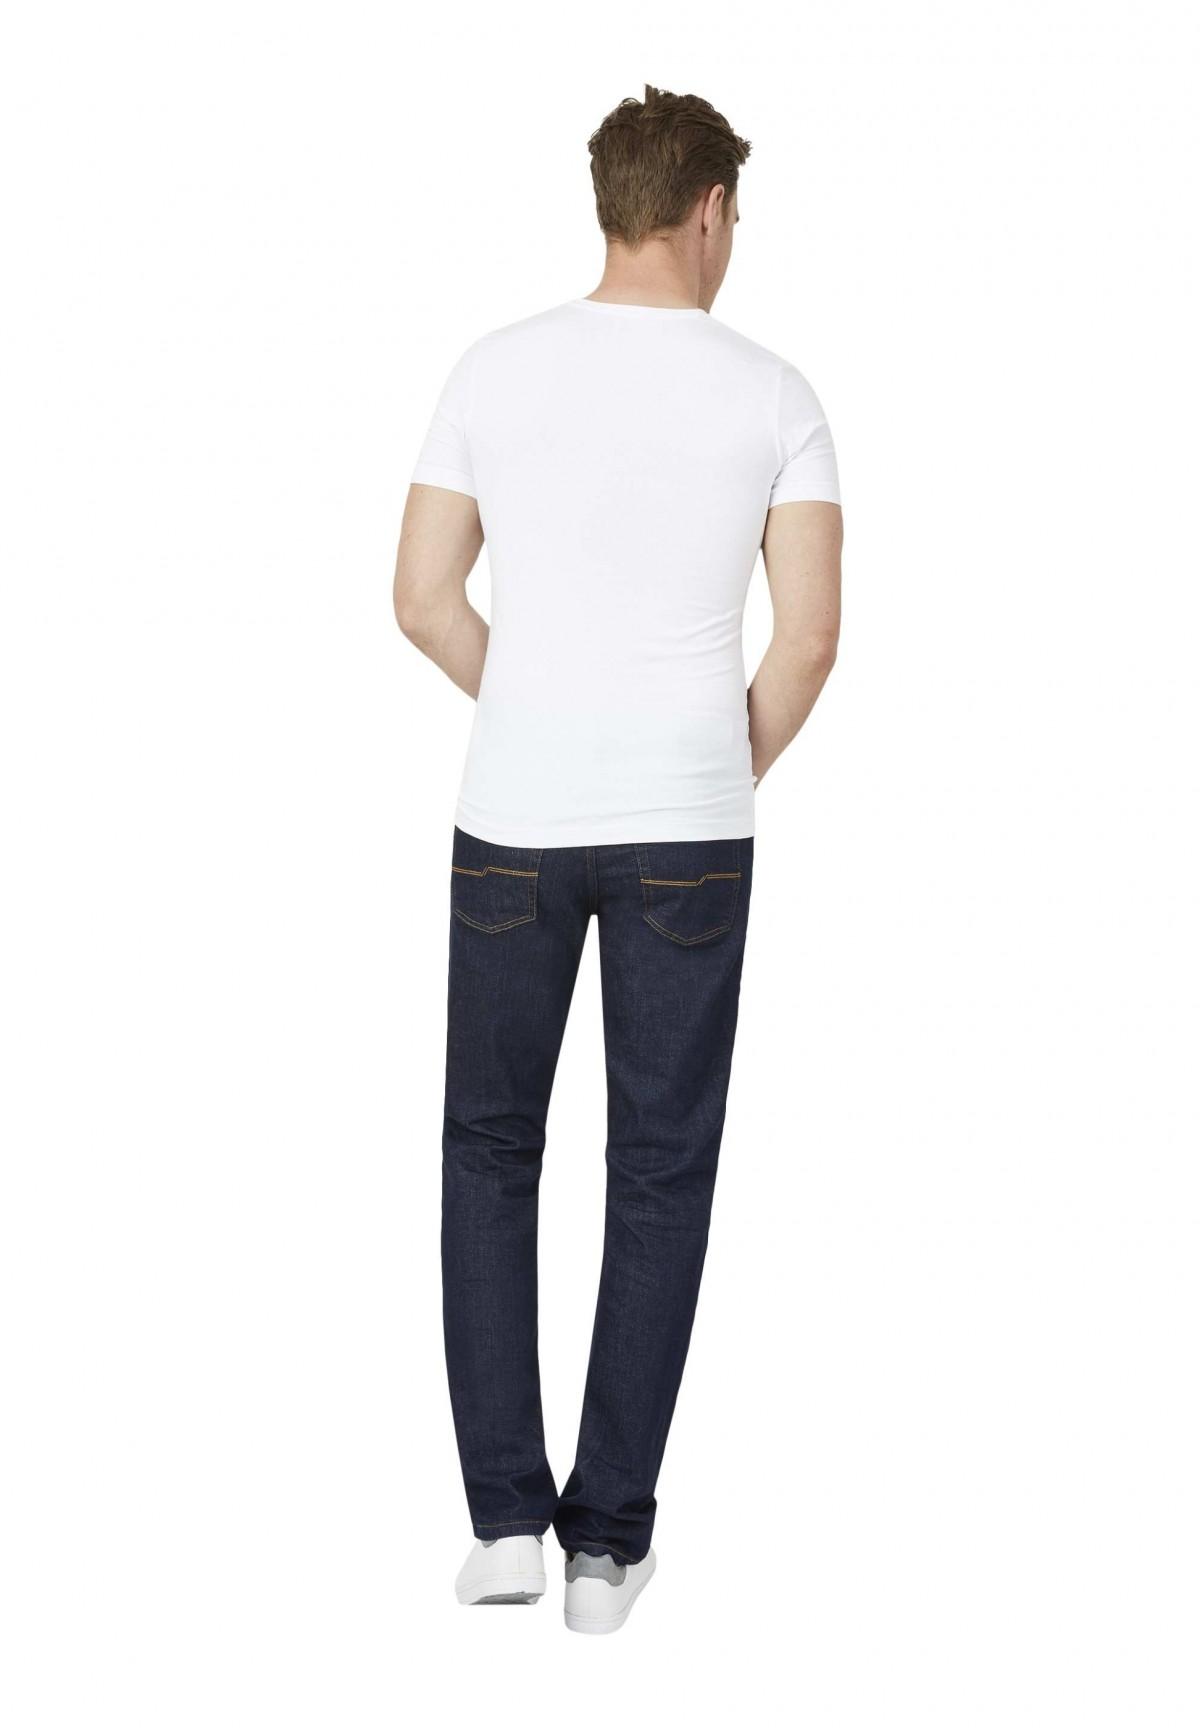 Doppelpack T-Shirt V-Ausschnitt Shape-fit / T-Shirt V-Ausschnitt Shape-fit